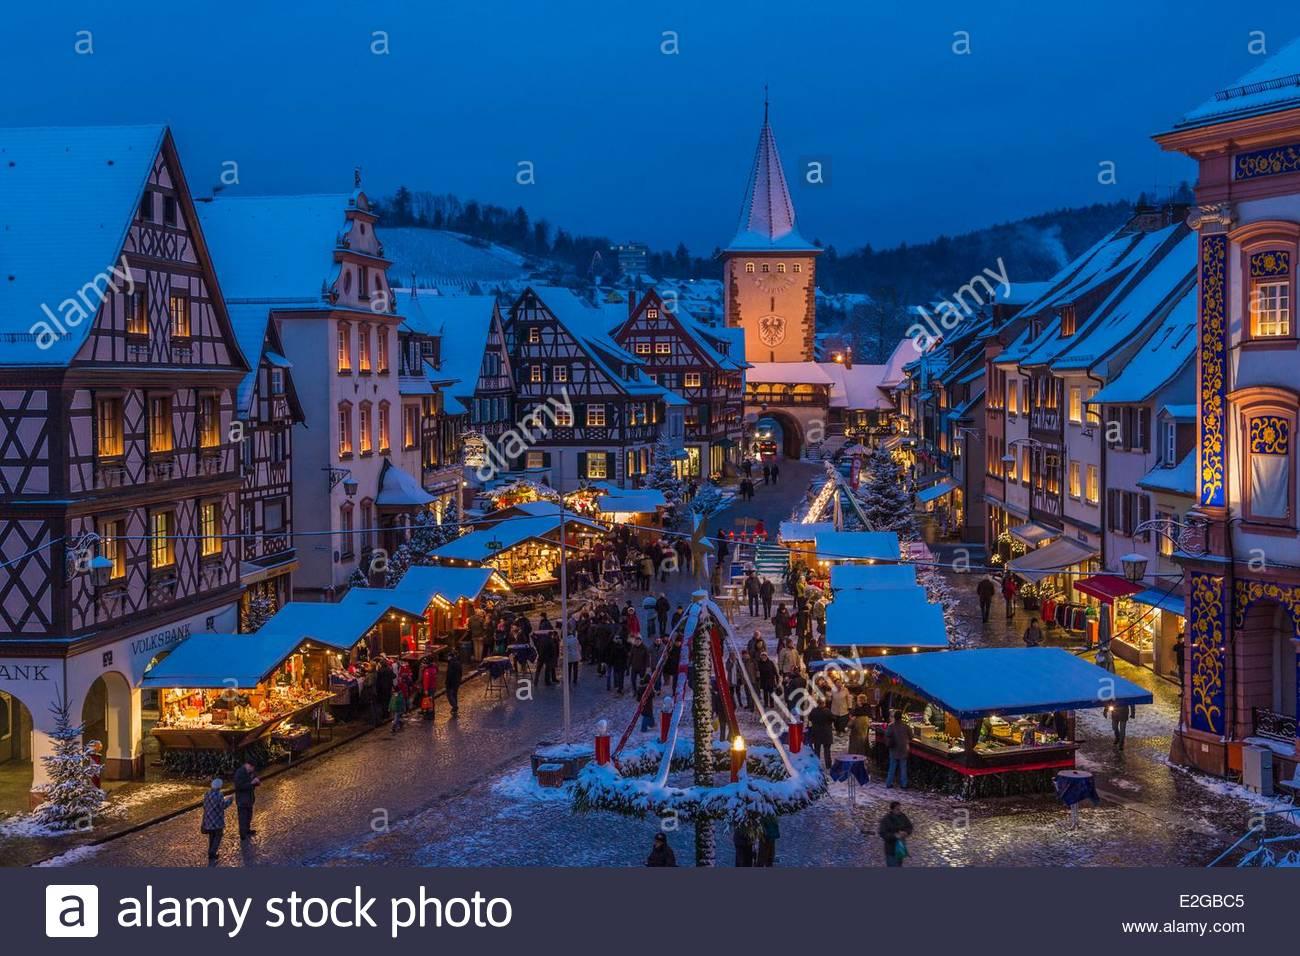 Alemania Baden Wurrtemberg Selva Negra Gengenbach mercado navideño en la plaza del pueblo y calendario de Adviento Imagen De Stock